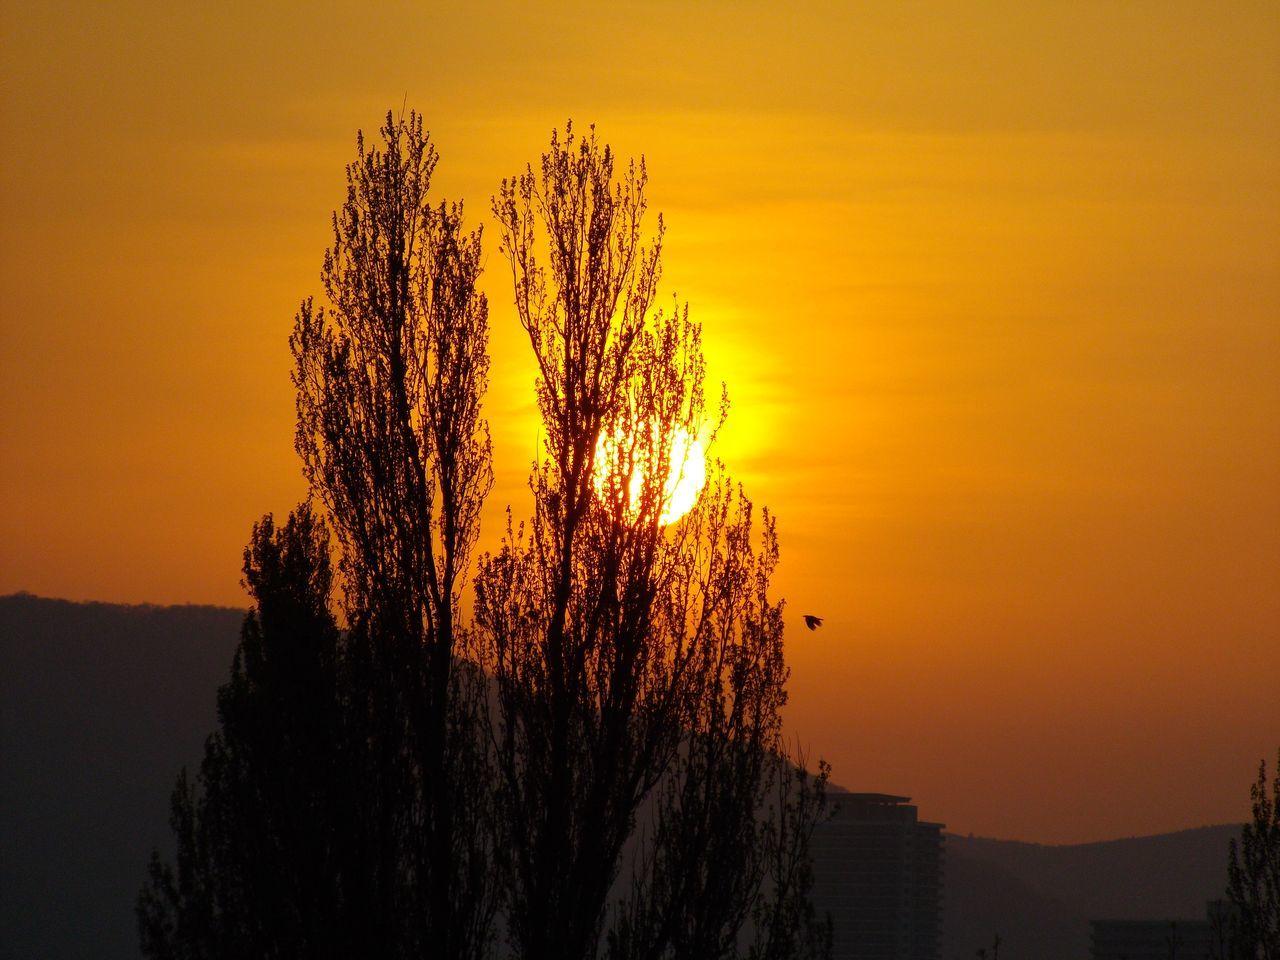 札幌らしい春の一日か_c0025115_20261829.jpg